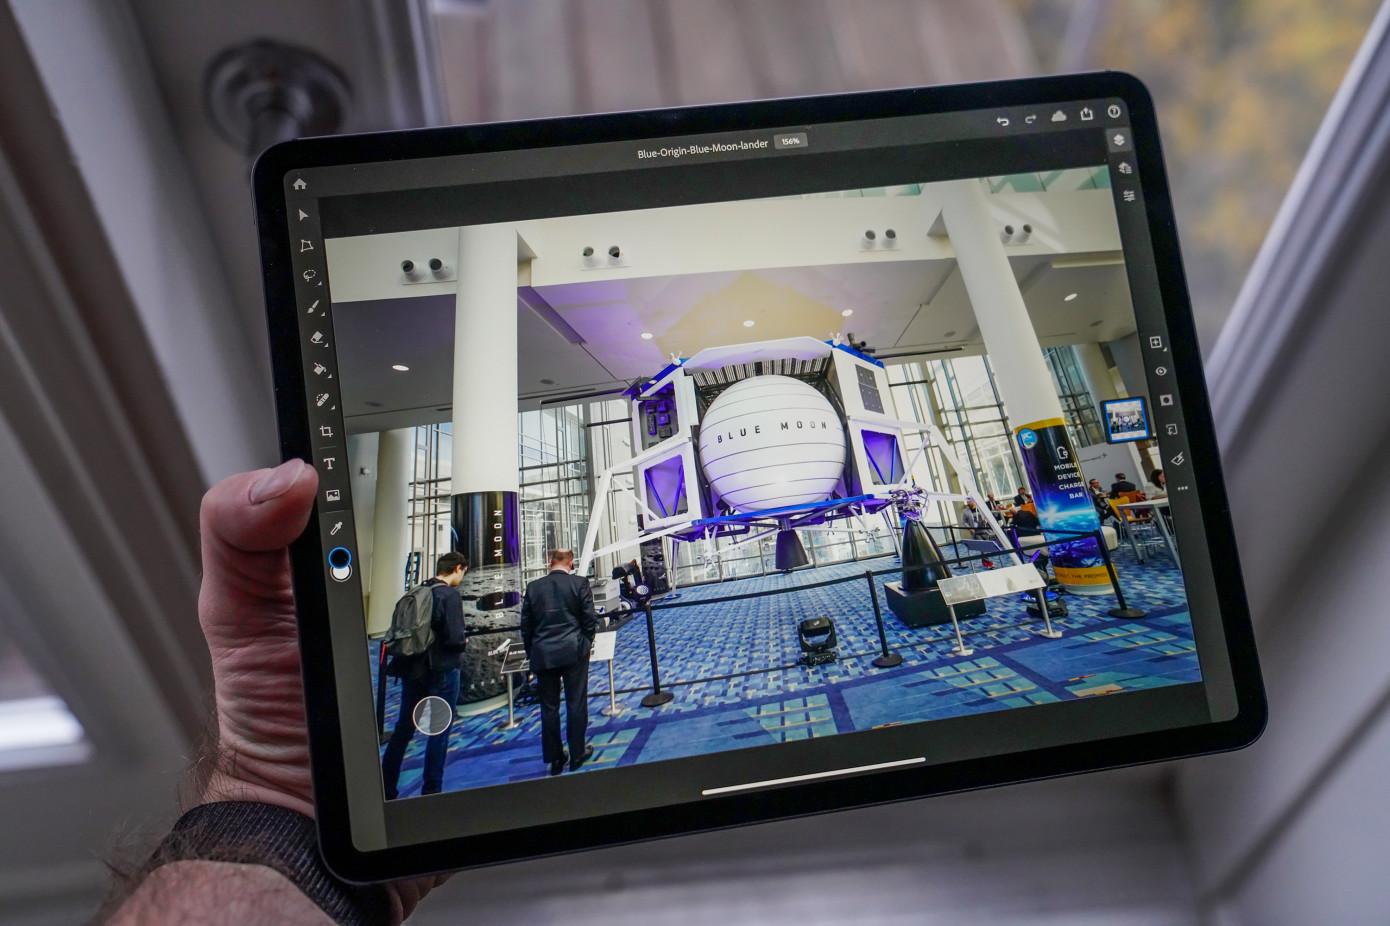 Adobe выпустила приложение камеры для телефонов сфункциями Photoshop